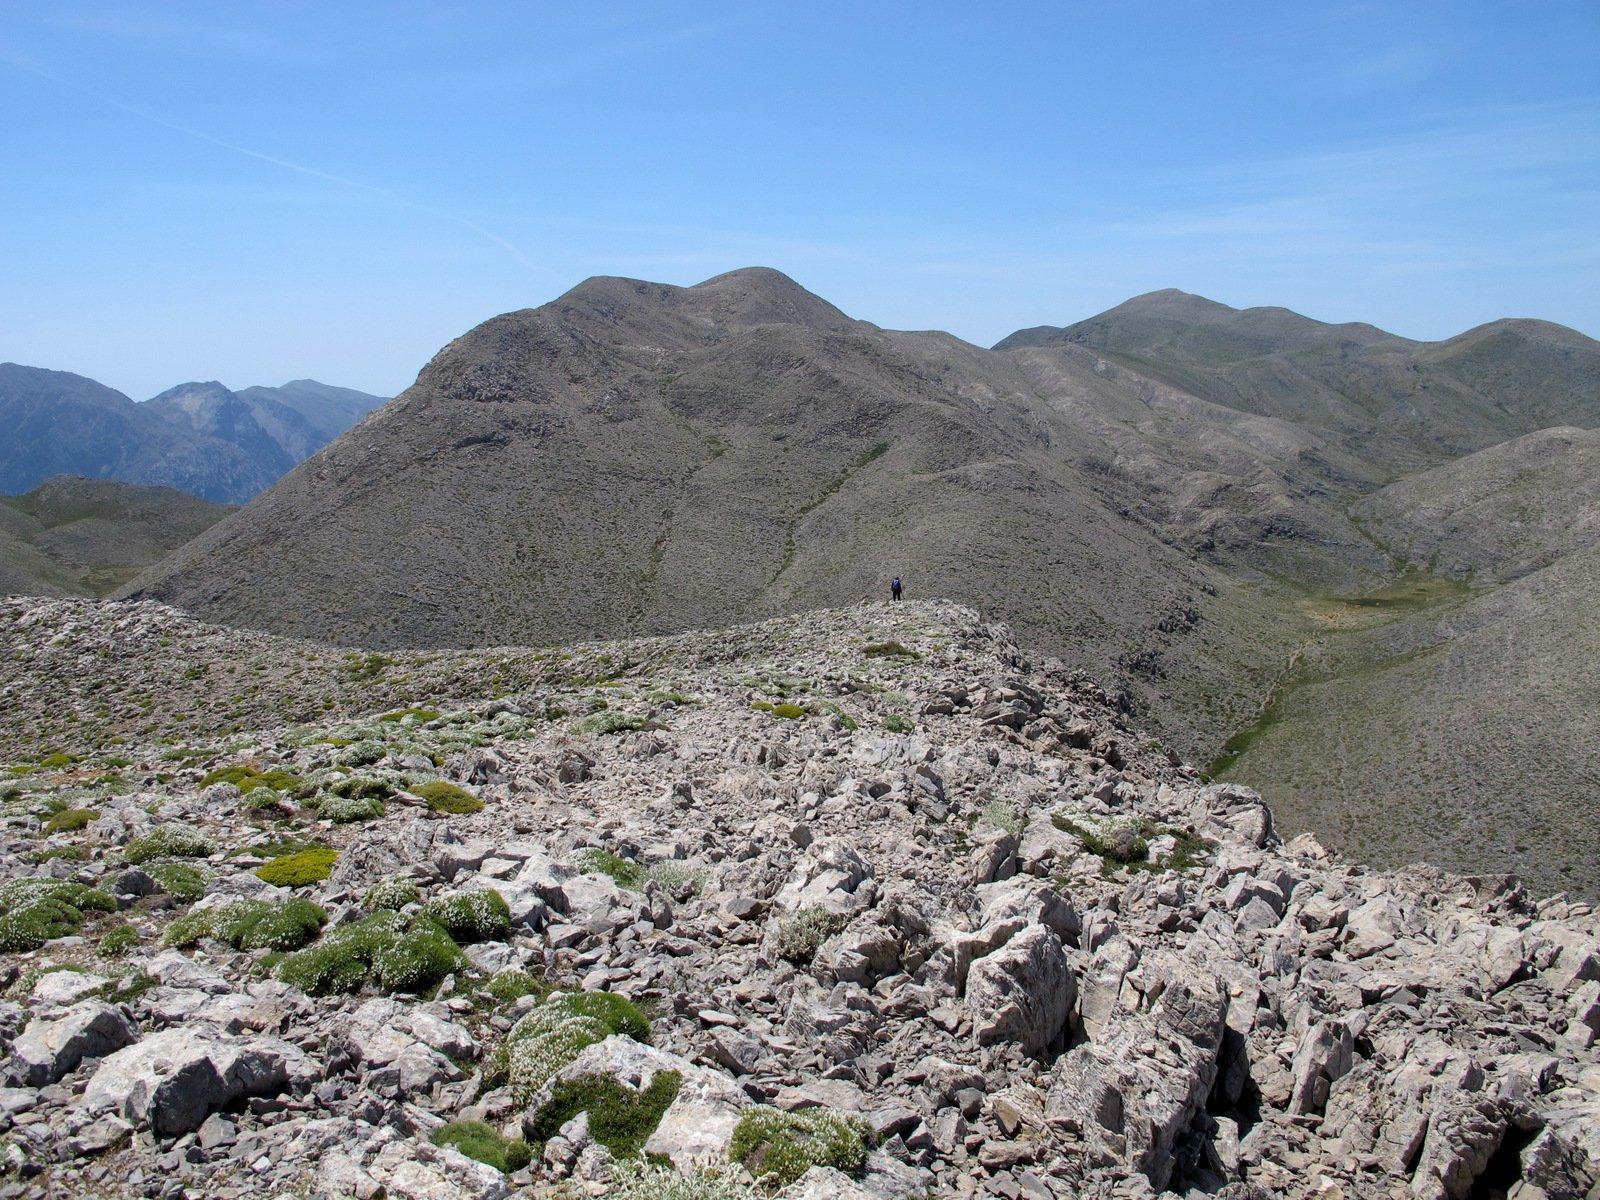 La discesa dal Papa Balomata, a centro foto l'articolato complesso di cime del Petradé.